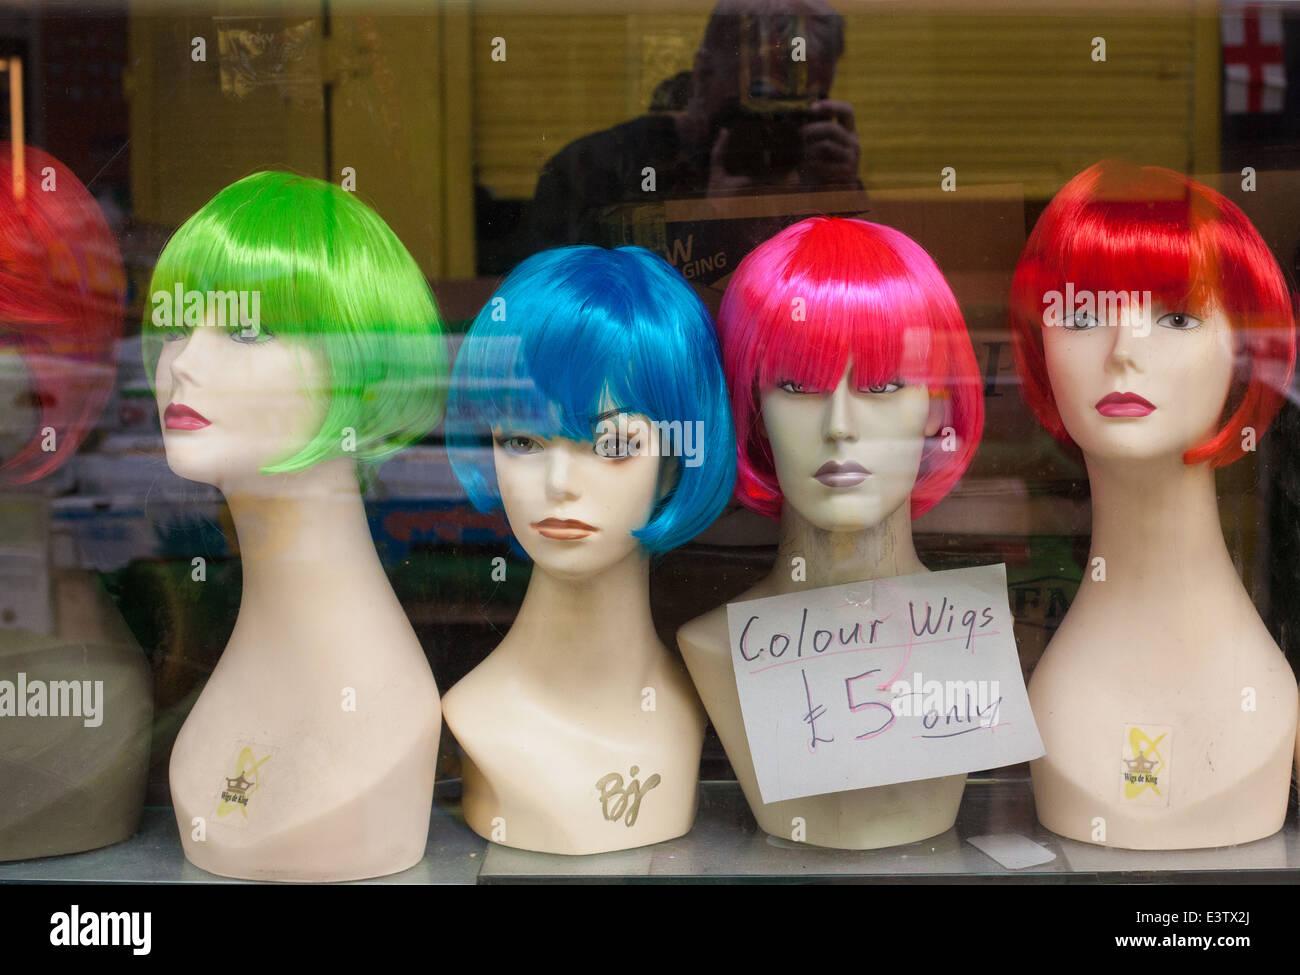 Perruques colorées sur mannequin en vitrine. Photo Stock